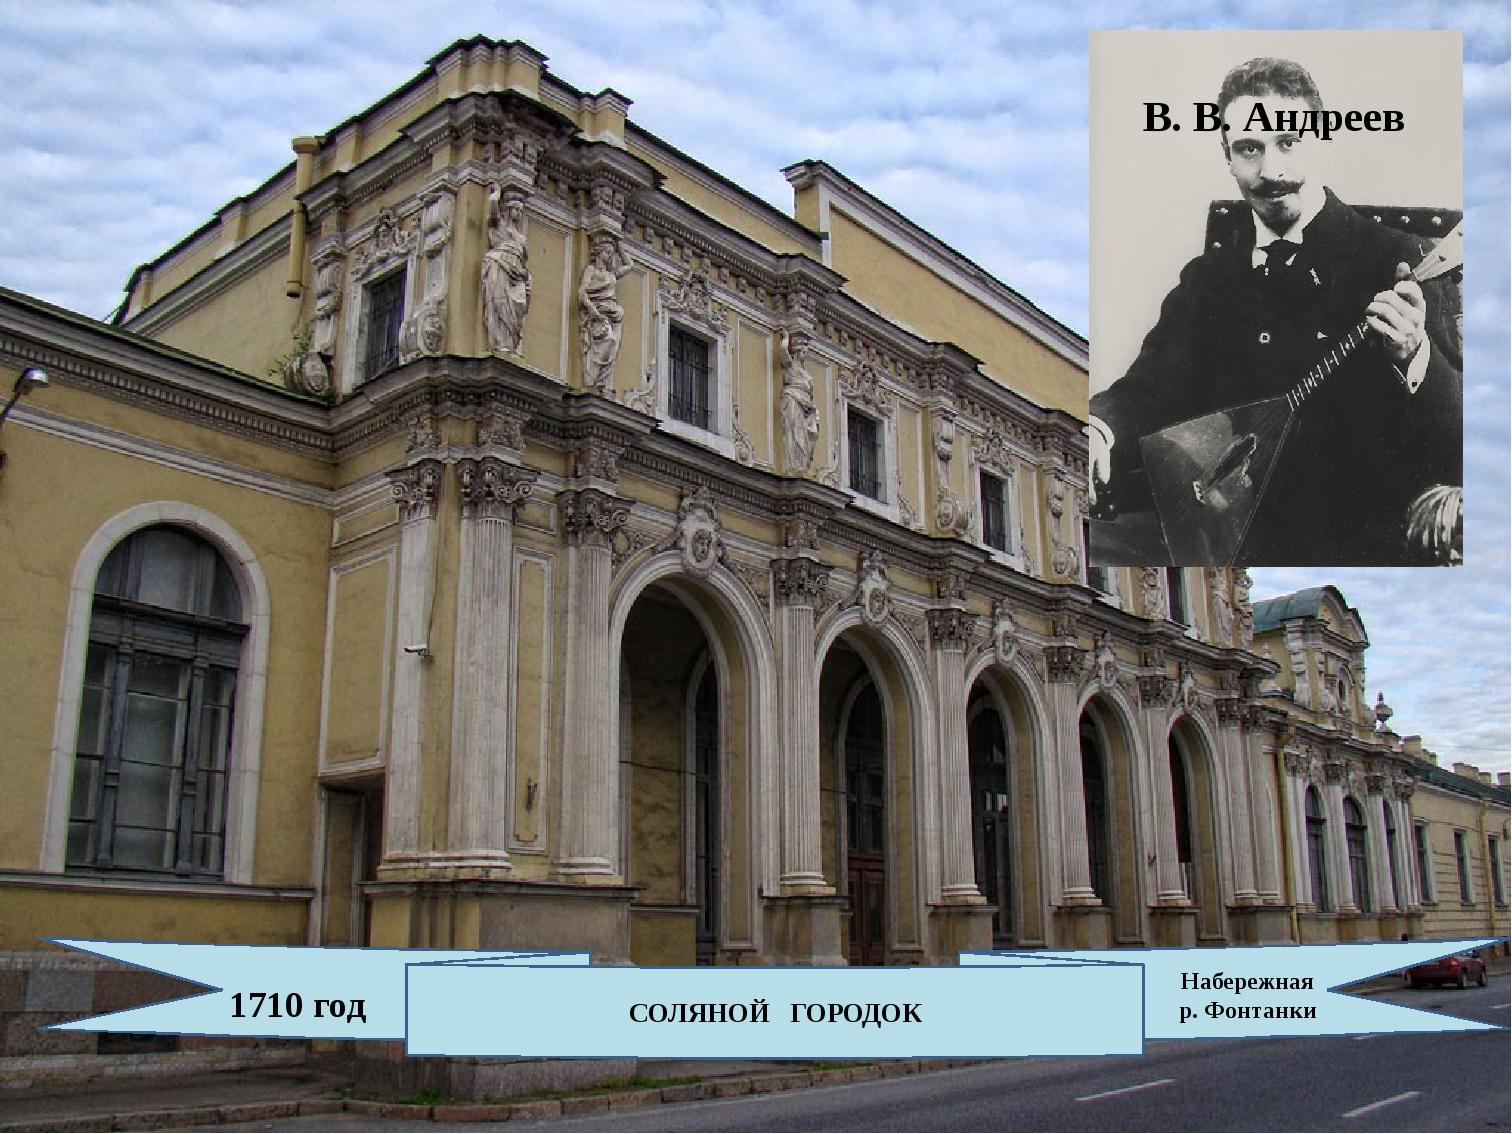 СОЛЯНОЙ ГОРОДОК 1710 год Набережная р. Фонтанки В. В. Андреев